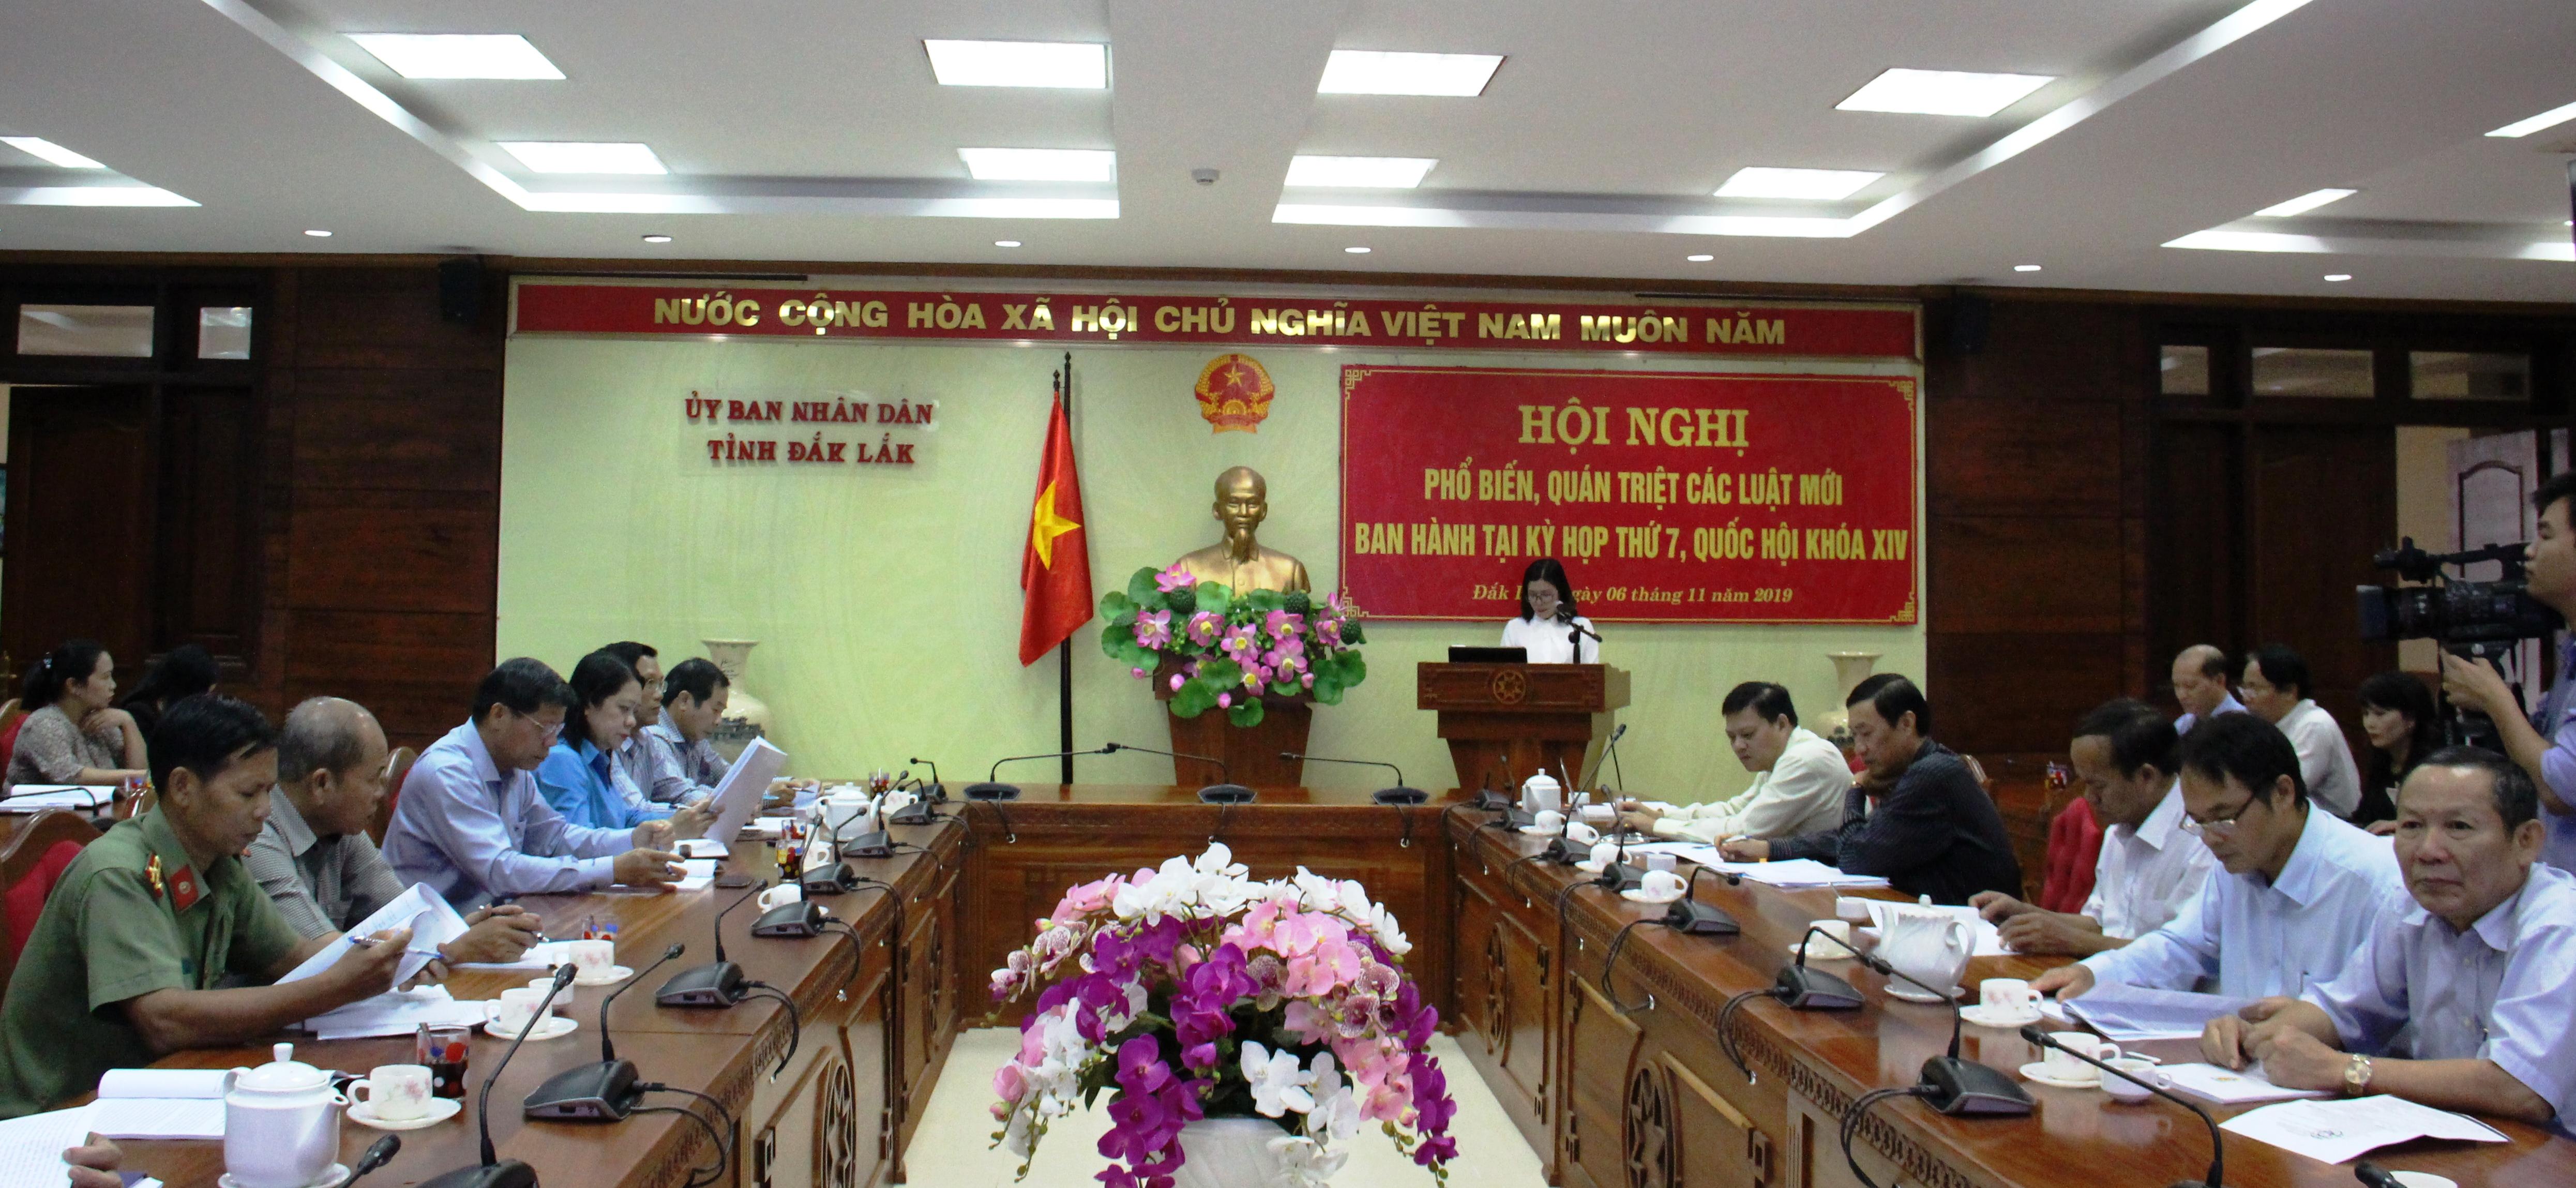 Hội nghị trực tuyến phổ biến các Luật mới ban hành tại Kỳ họp thứ 7, Quốc hội khóa XIV